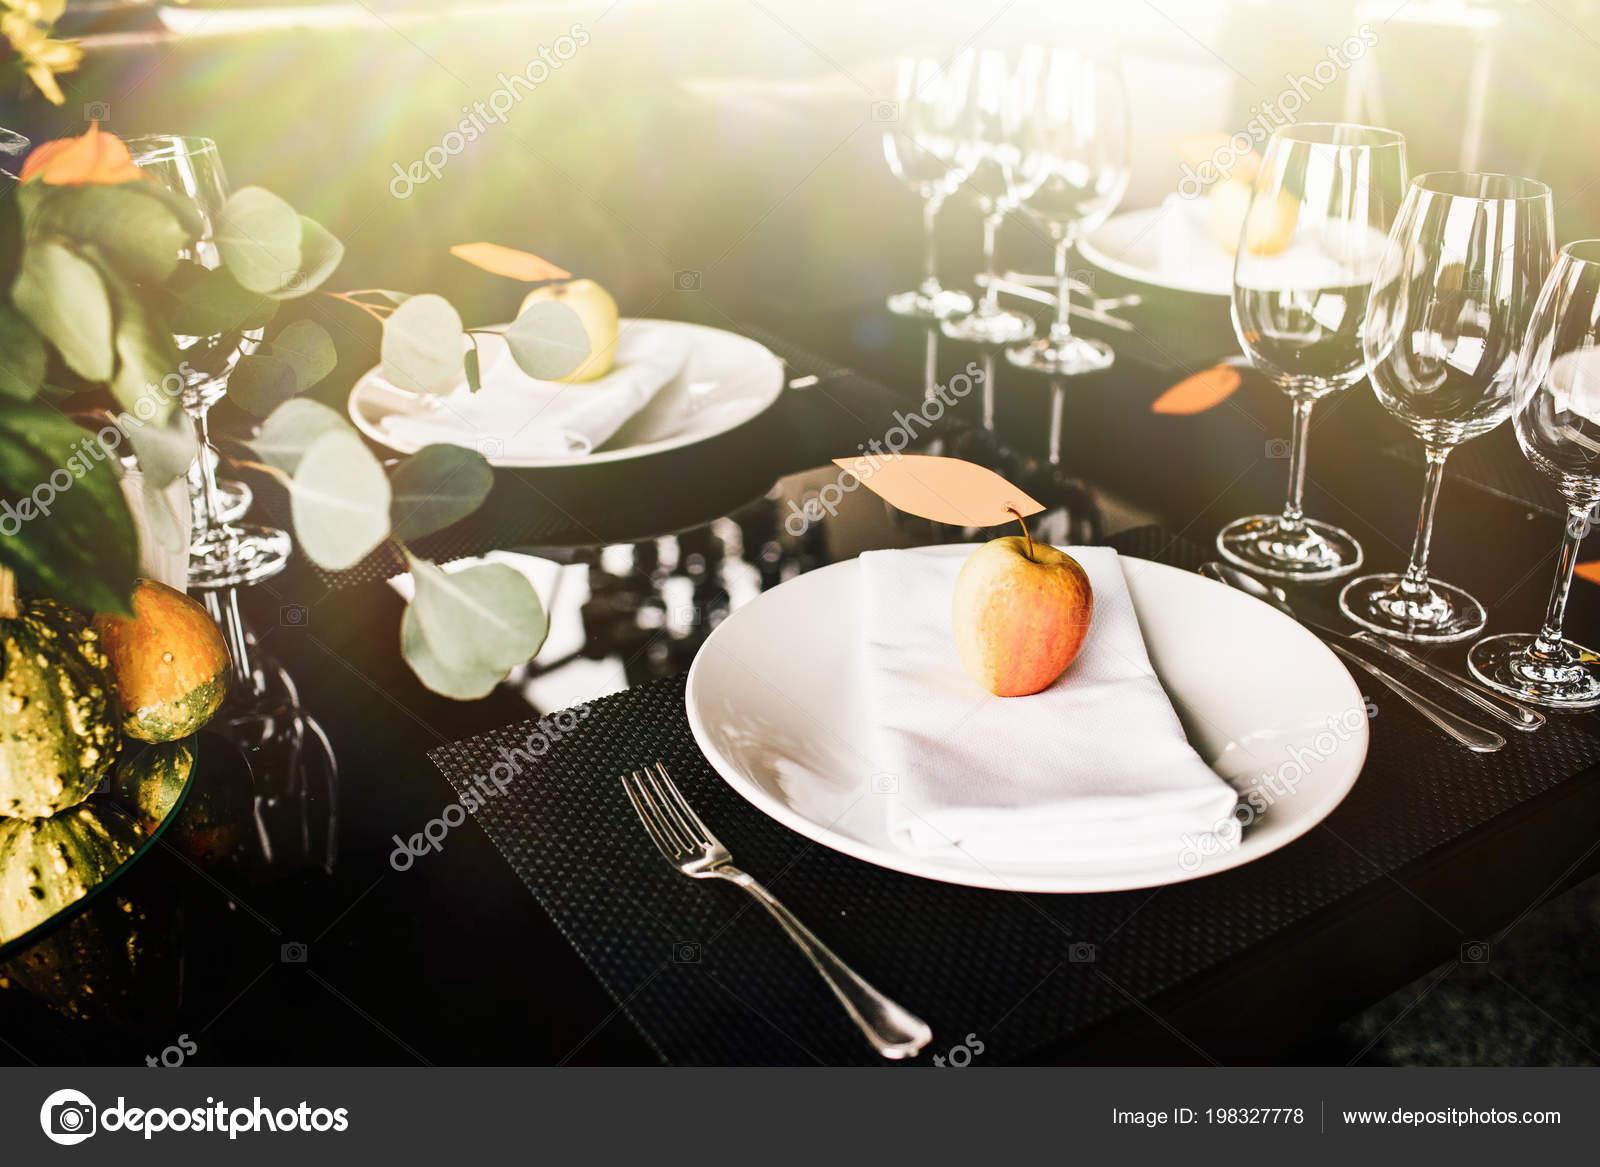 Fancy Table Setting Wine Glasses Elegant Restaurant Stock Photo C Vaksmanv101 198327778